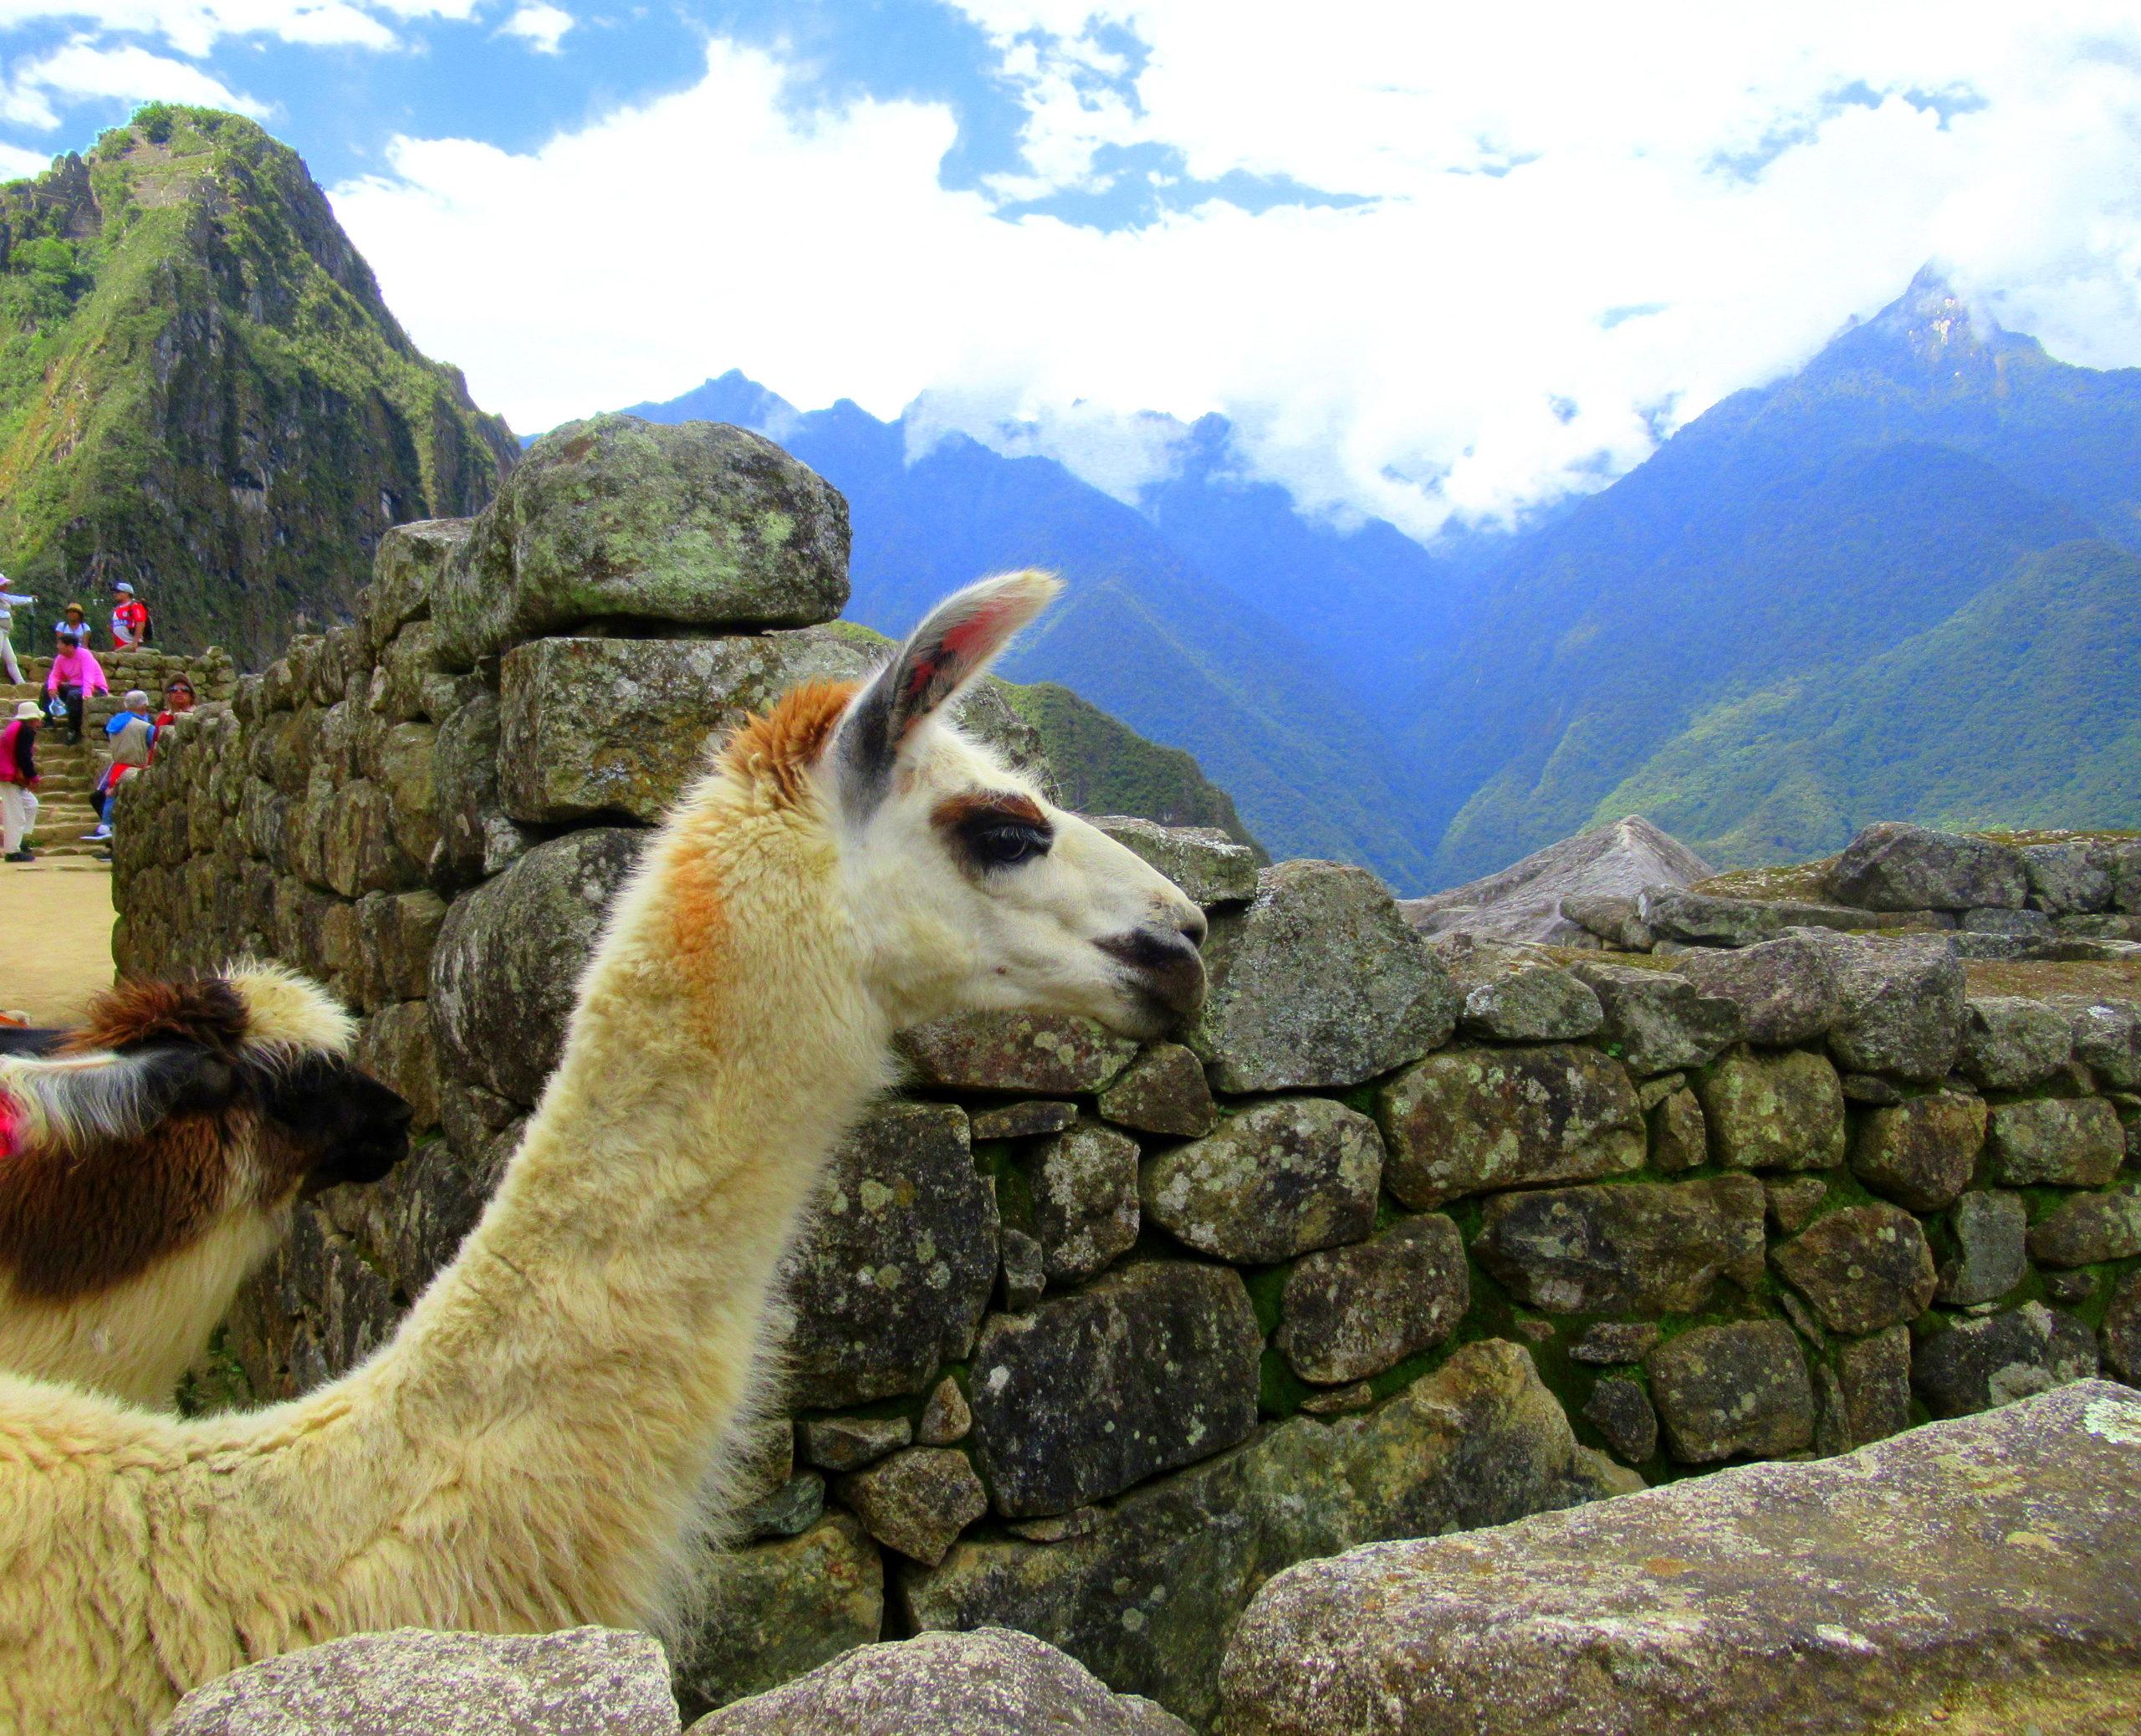 Cómo llegar a Machu Picchu